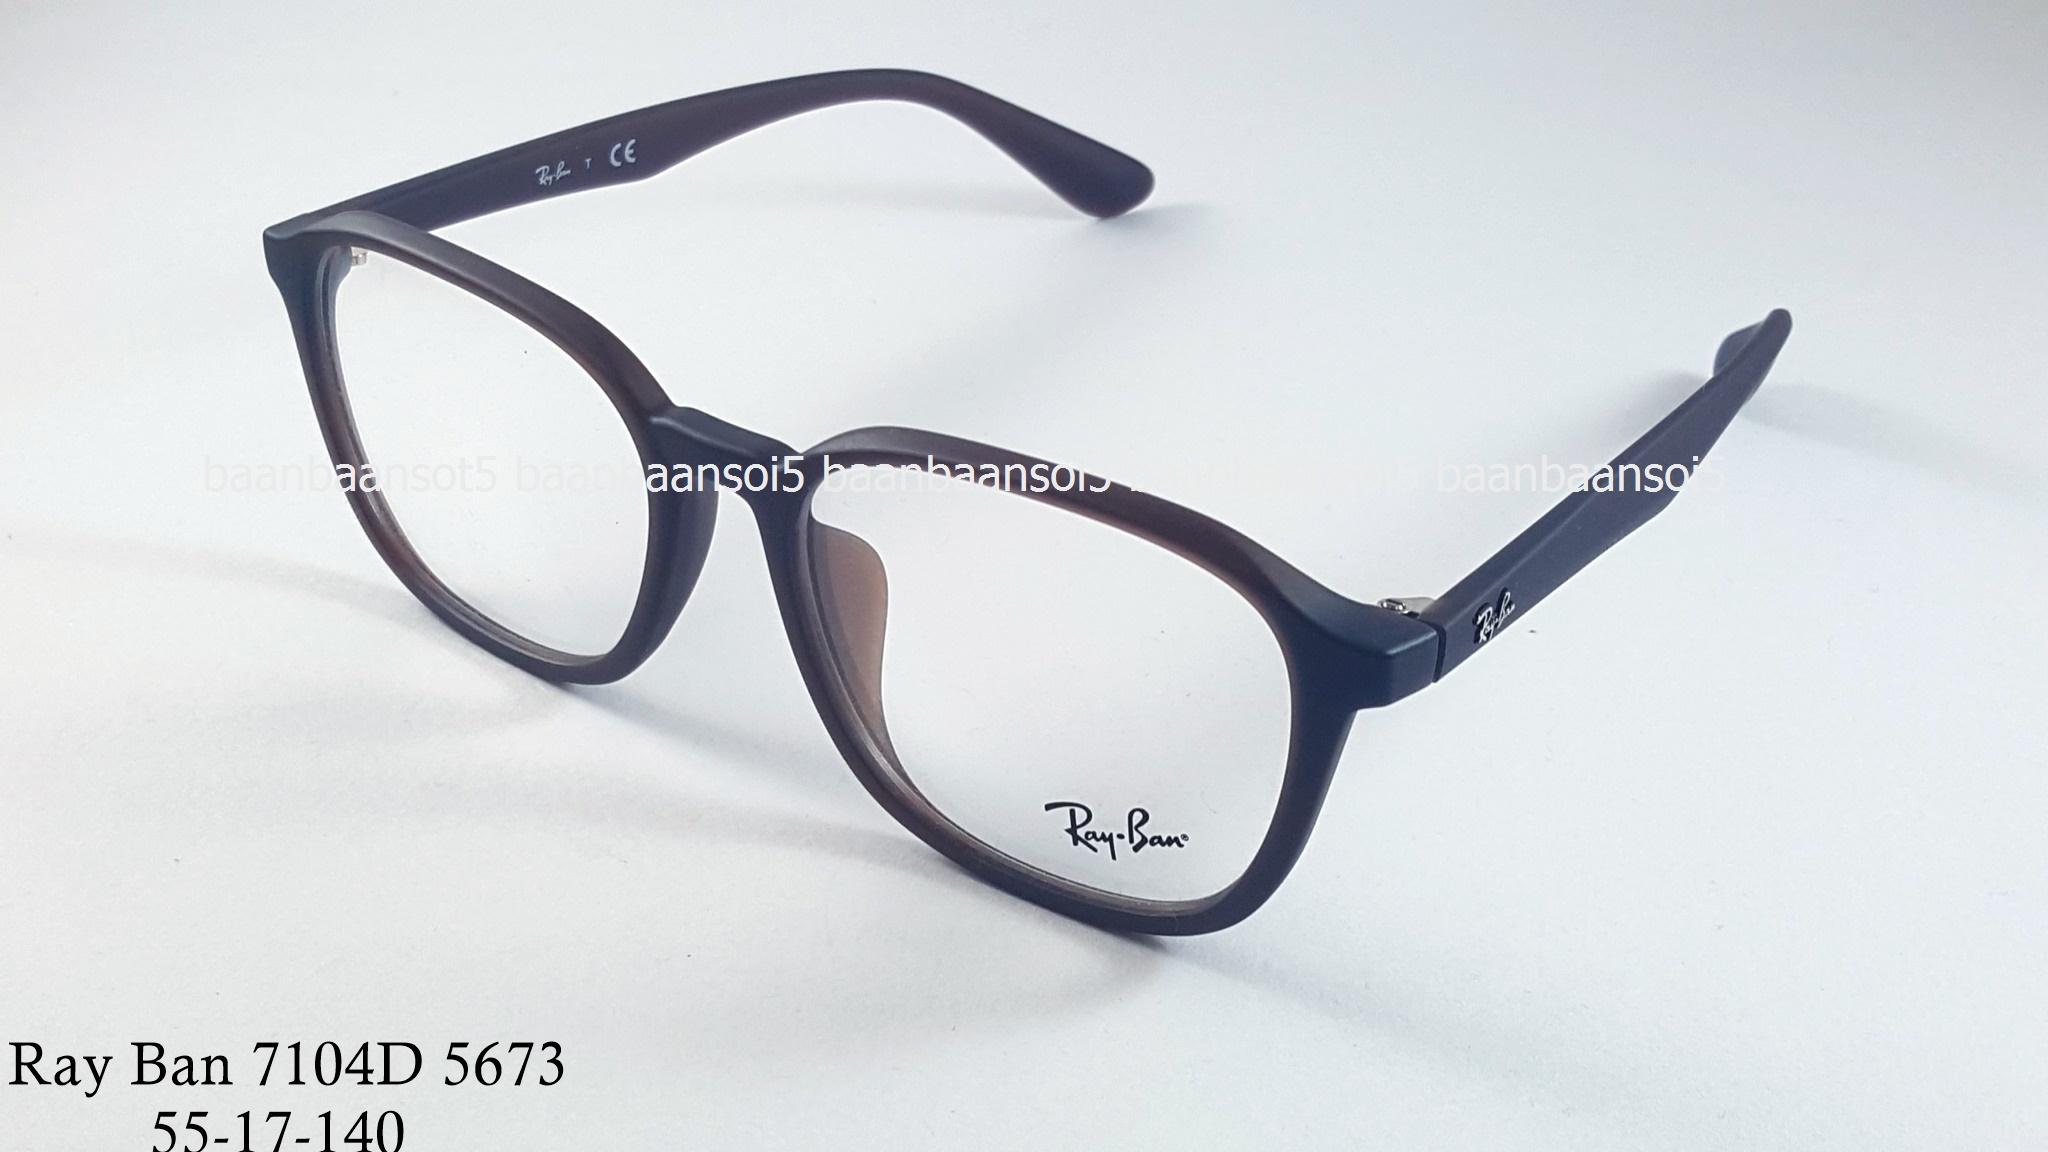 Rayban RX 7104D 5673 โปรโมชั่น กรอบแว่นตาพร้อมเลนส์ HOYA ราคา 2,900 บาท